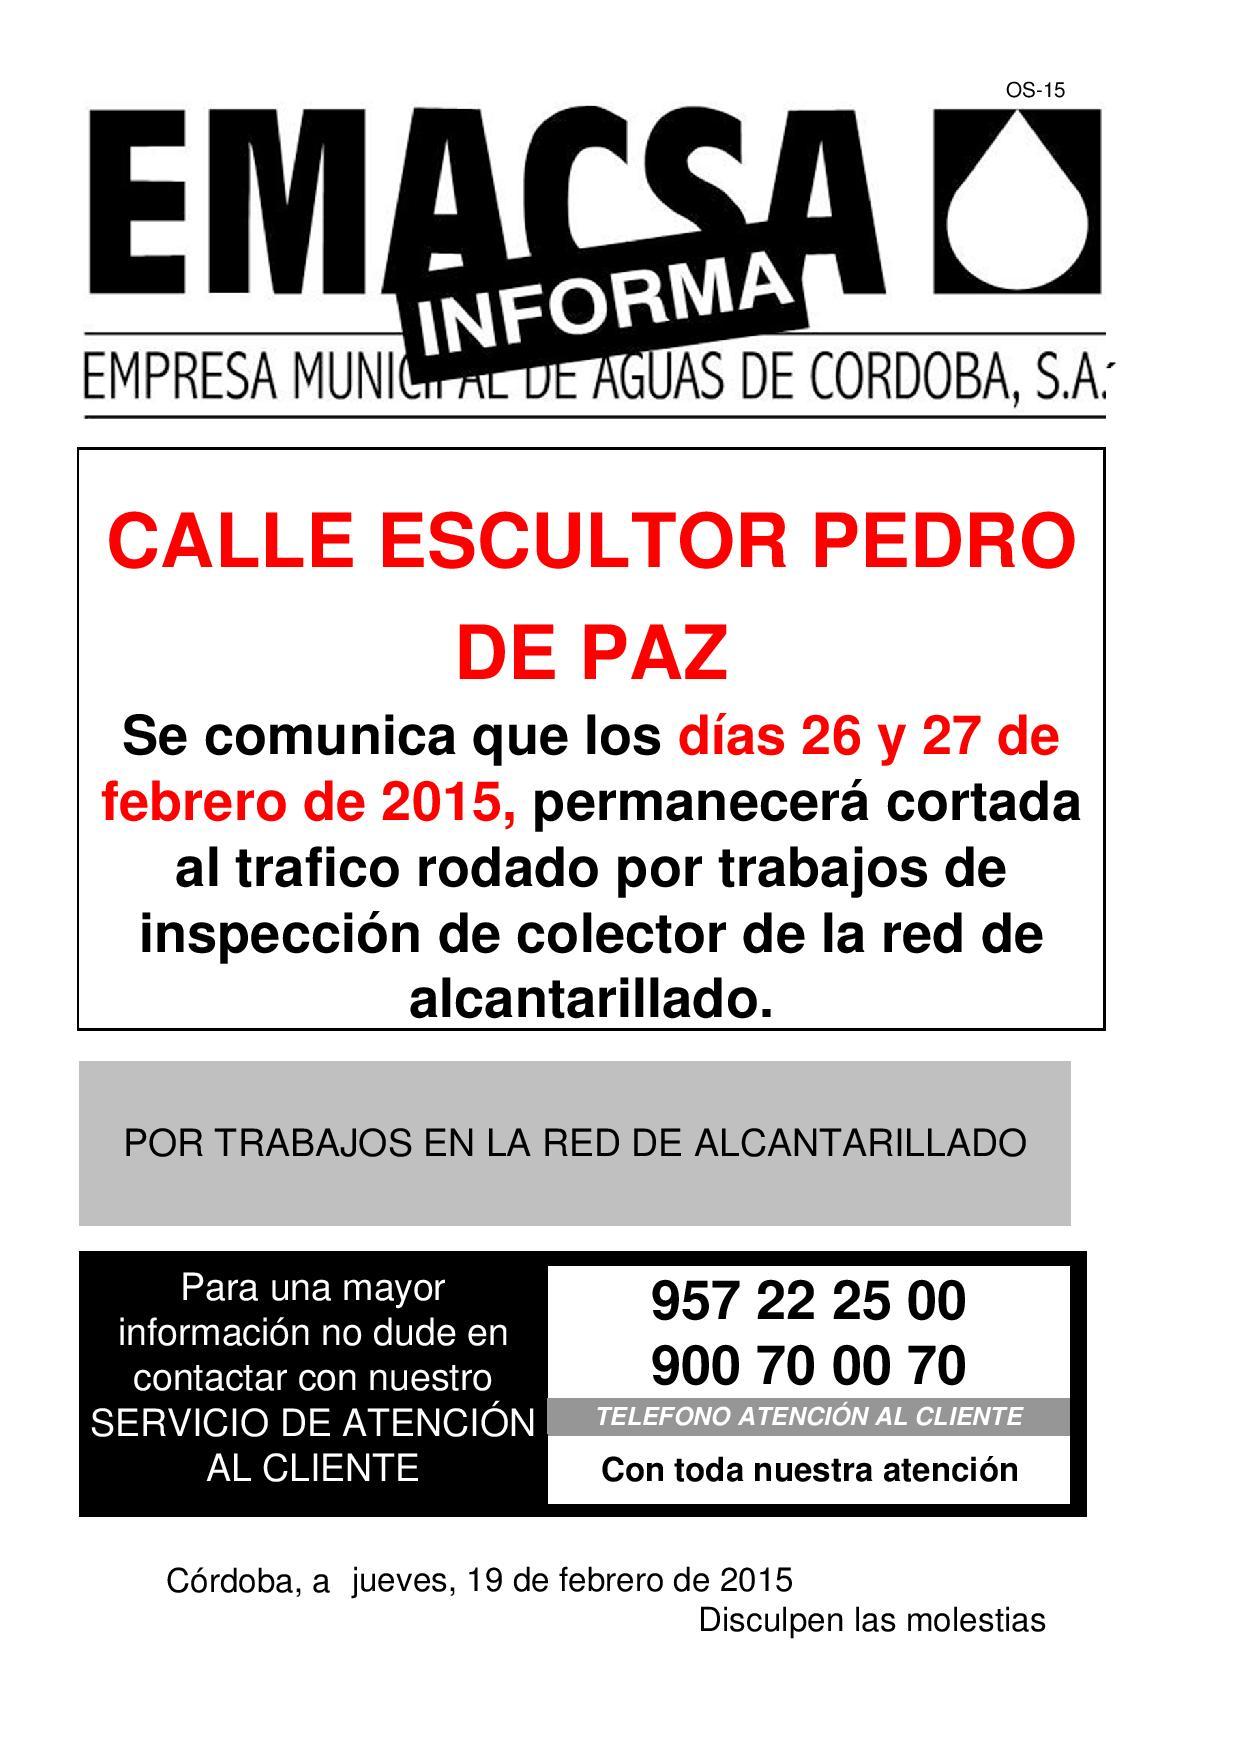 CALLE ESCULTOR PEDRO DE PAZ